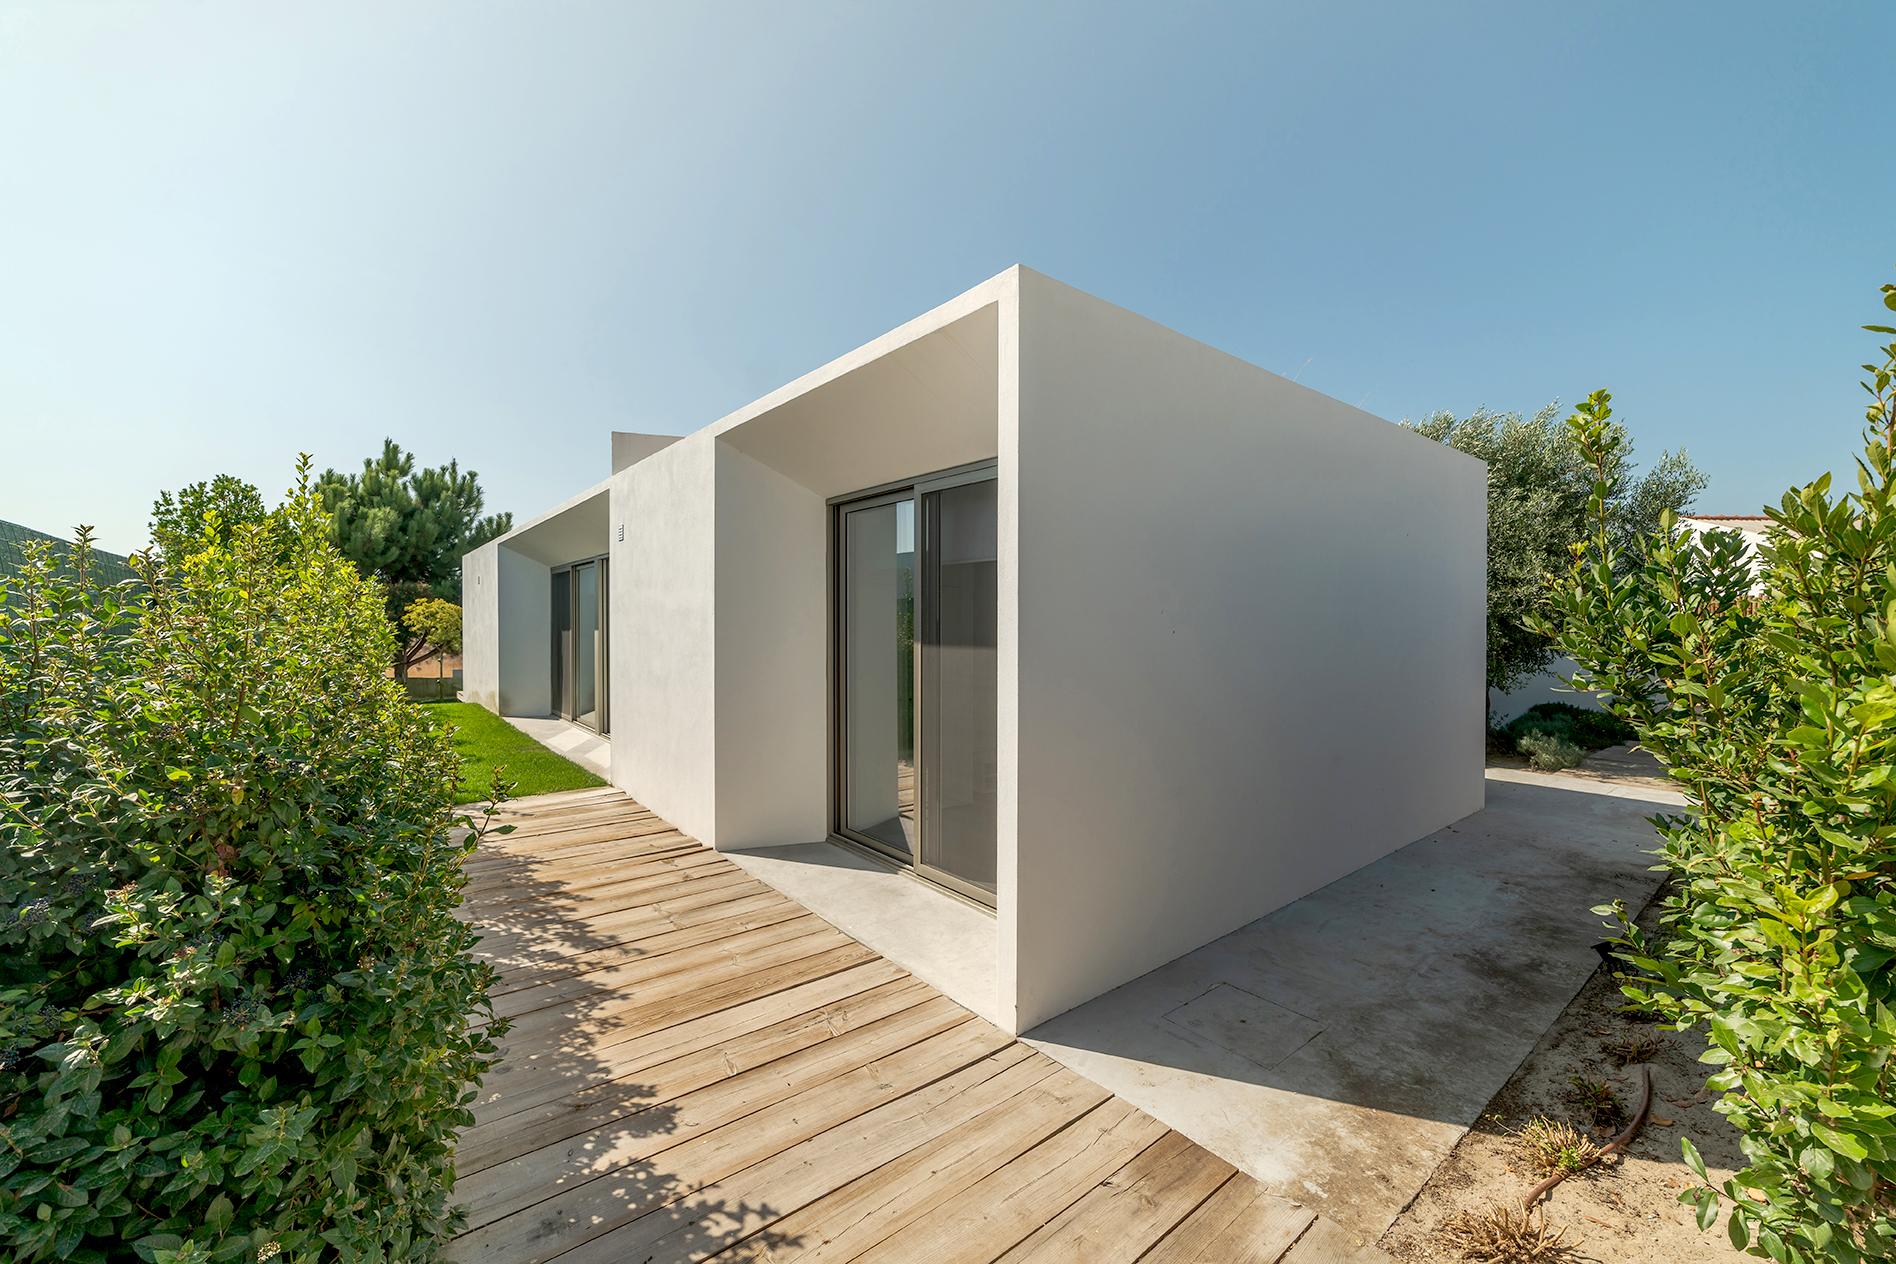 Alicante's Landscape Architecture